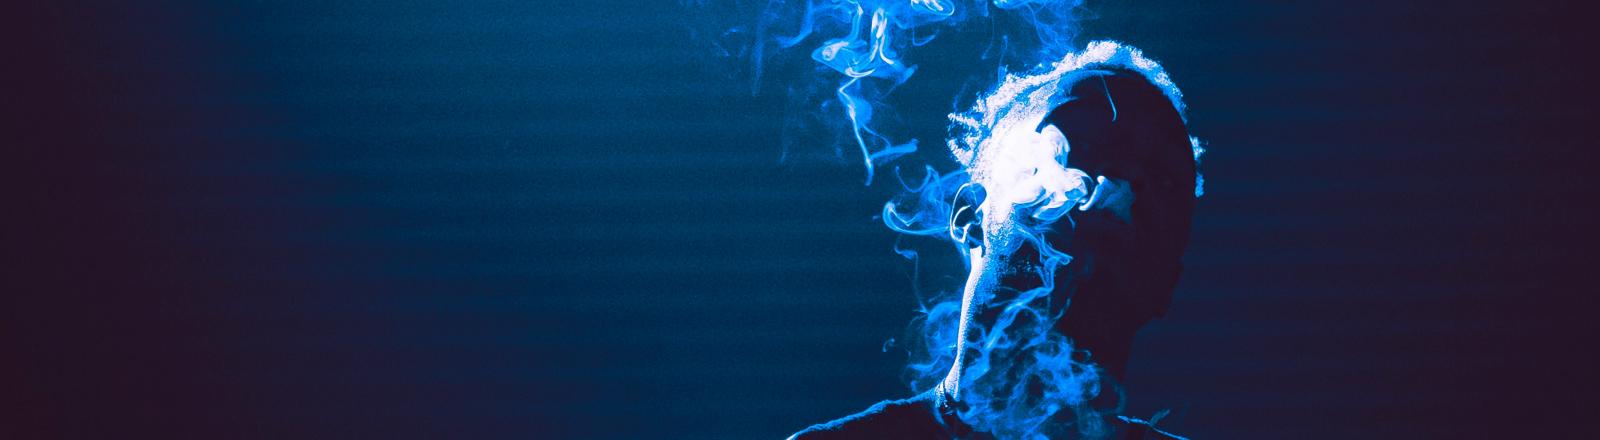 Mann im Drogenrausch mit blauem Hintergrund